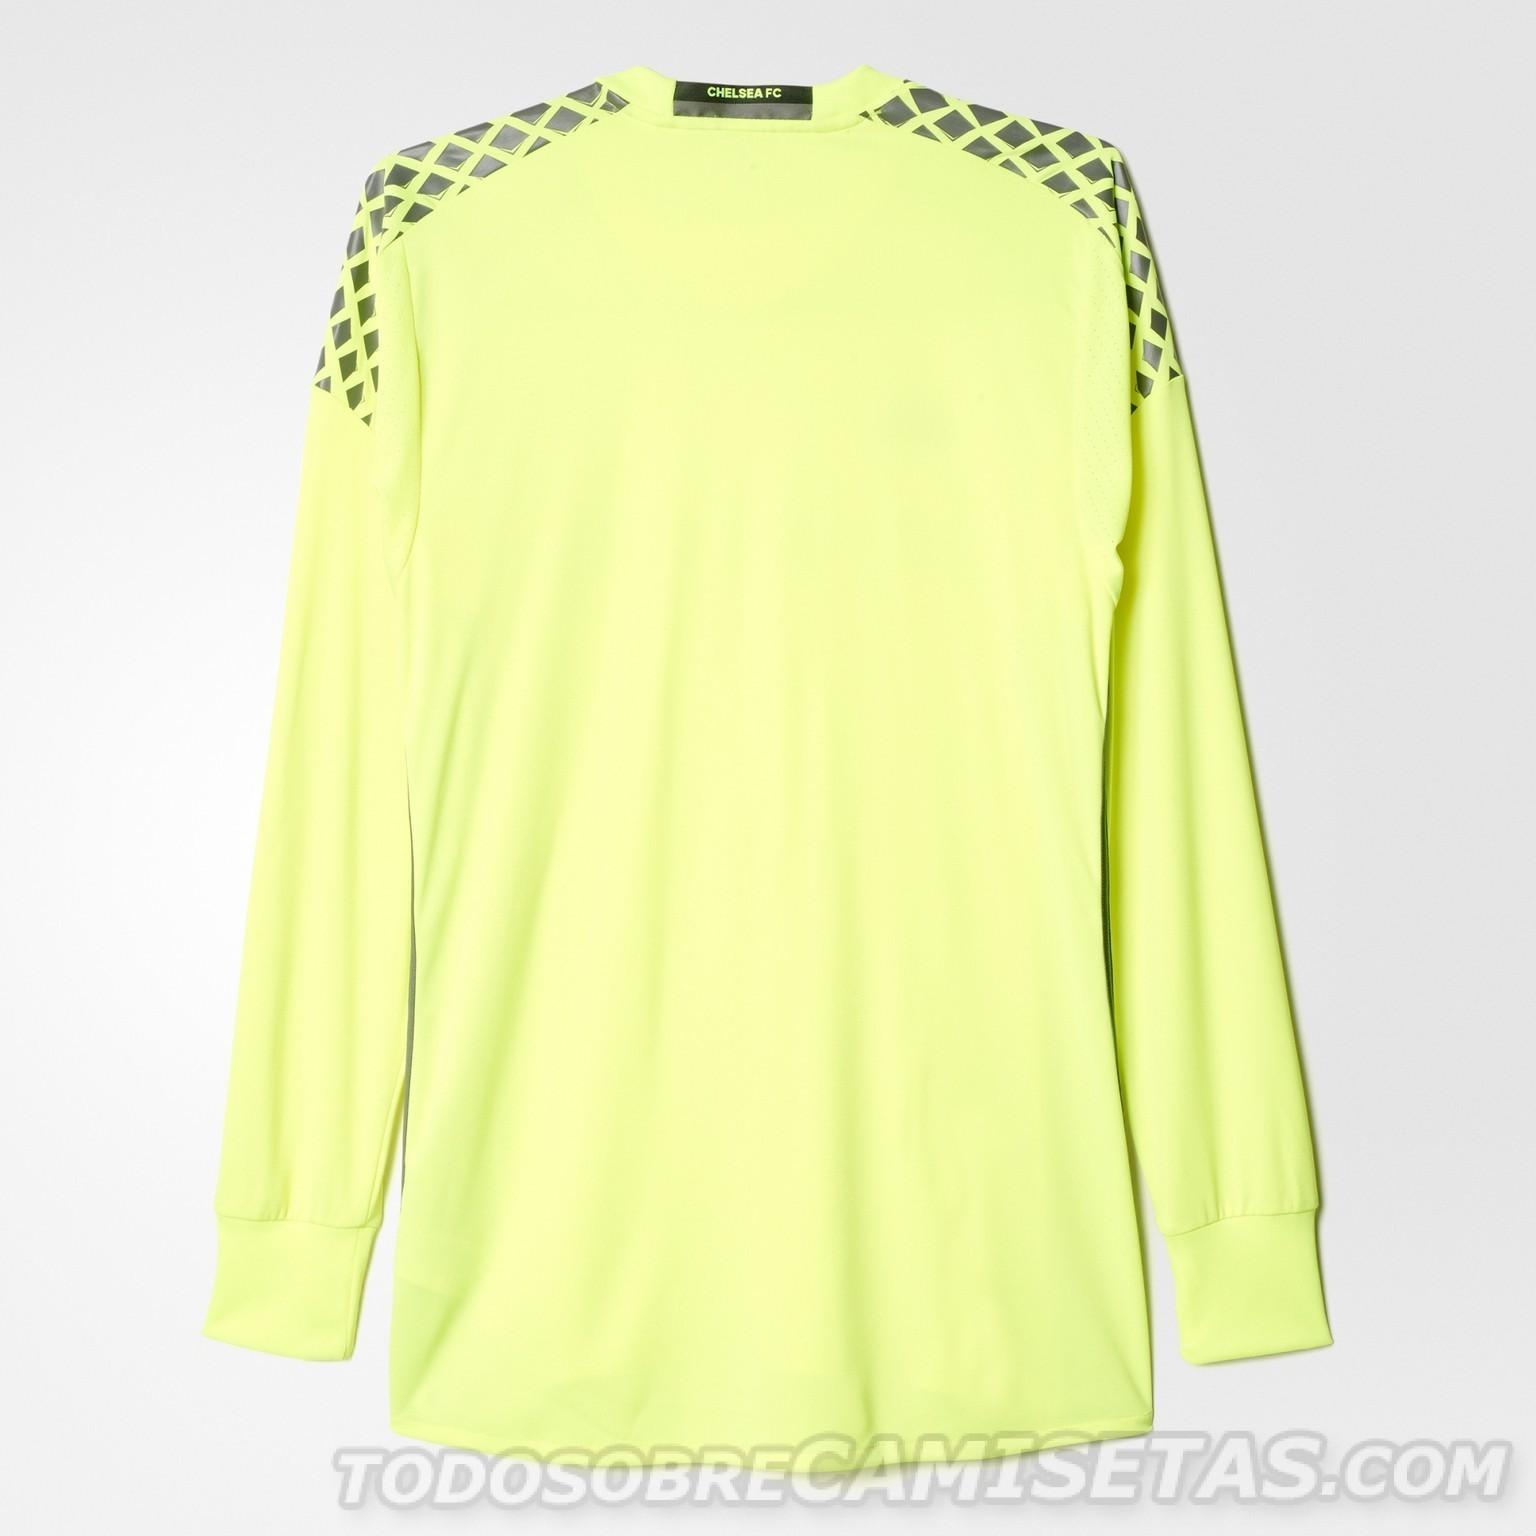 Chelsea-16-17-adidas-new-GK-kit-2.jpg